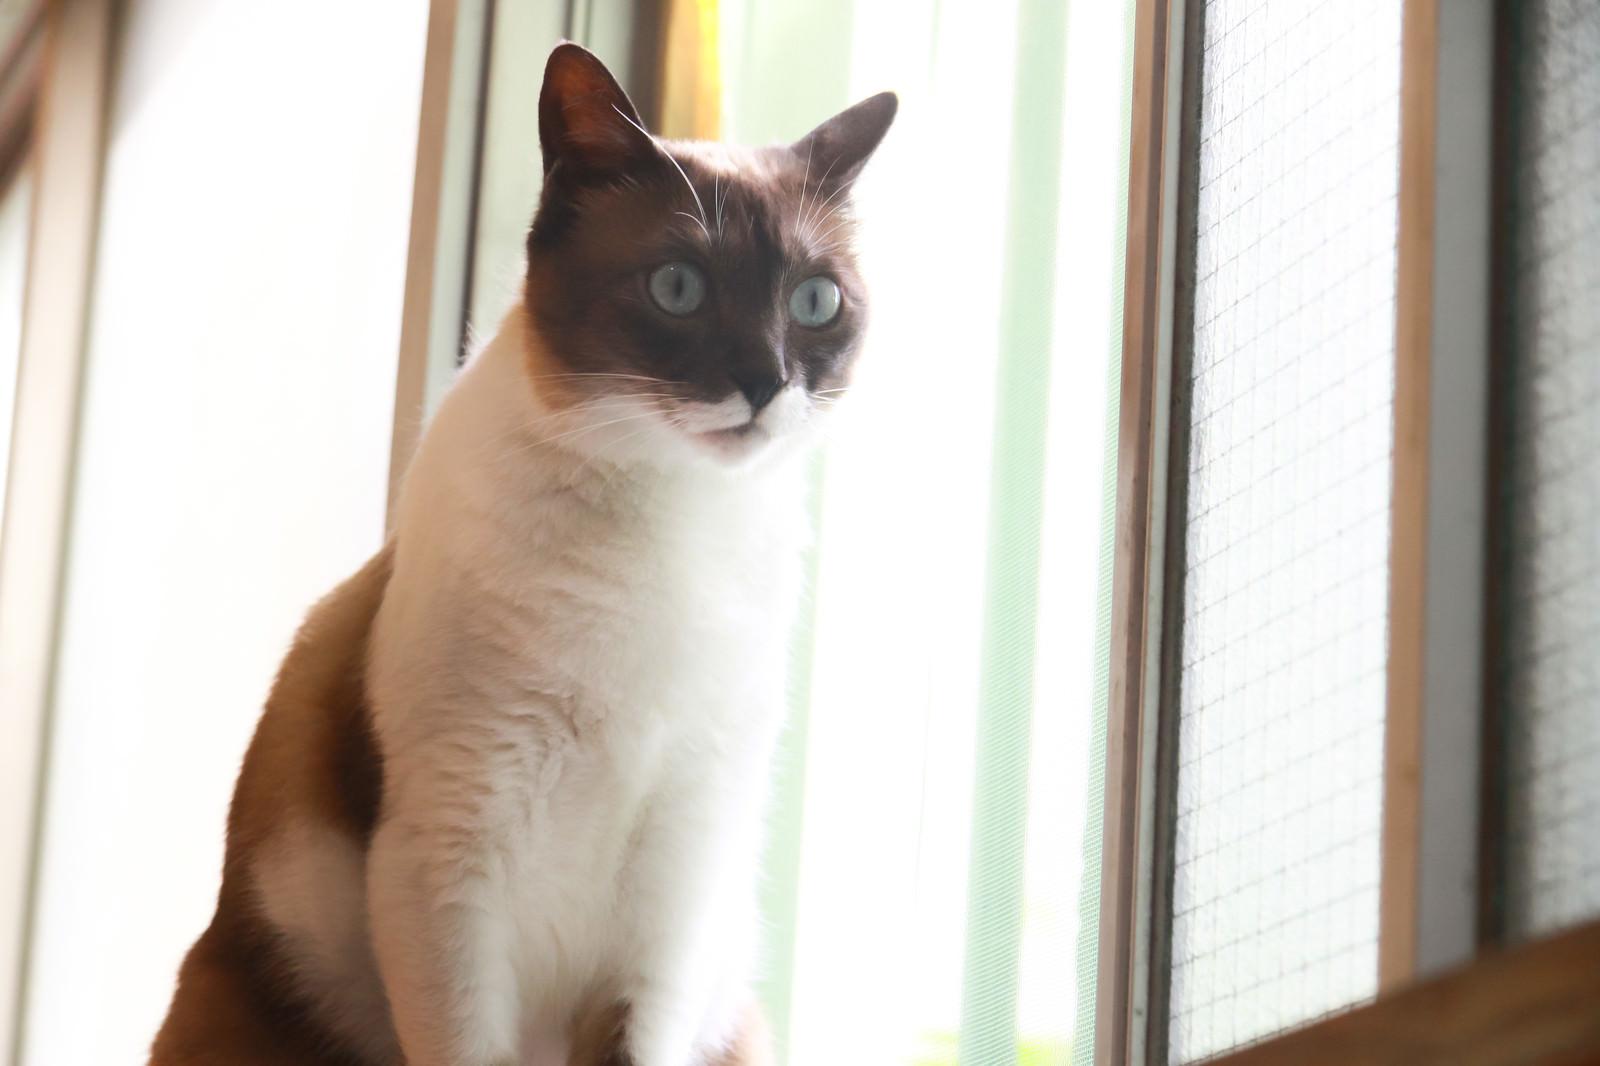 「えっ!?知らされてないんだけど猫」